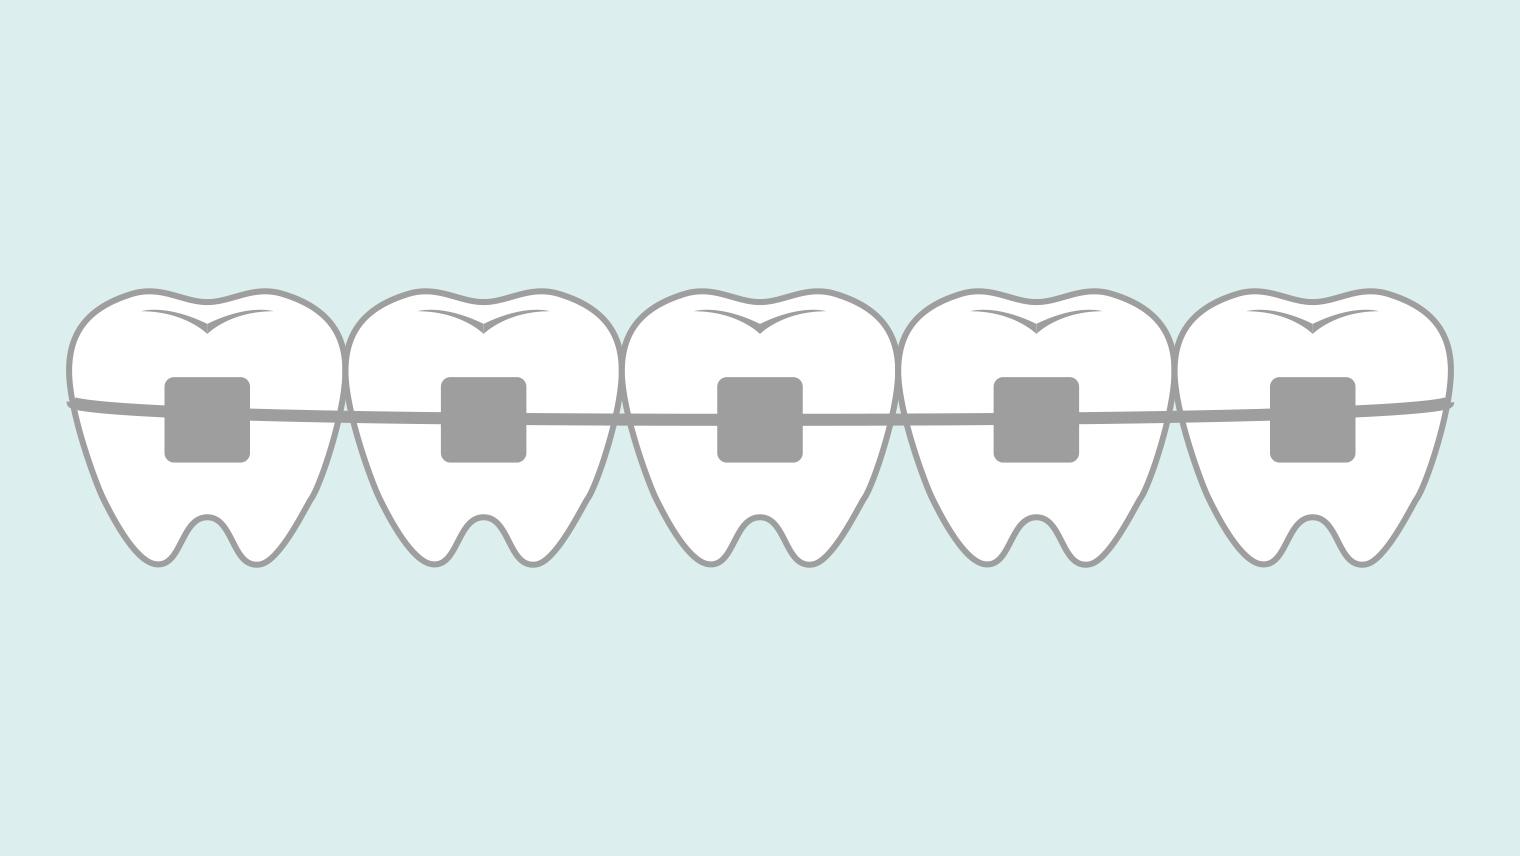 お子さんの歯の矯正前に知っておくと良いこと5つ